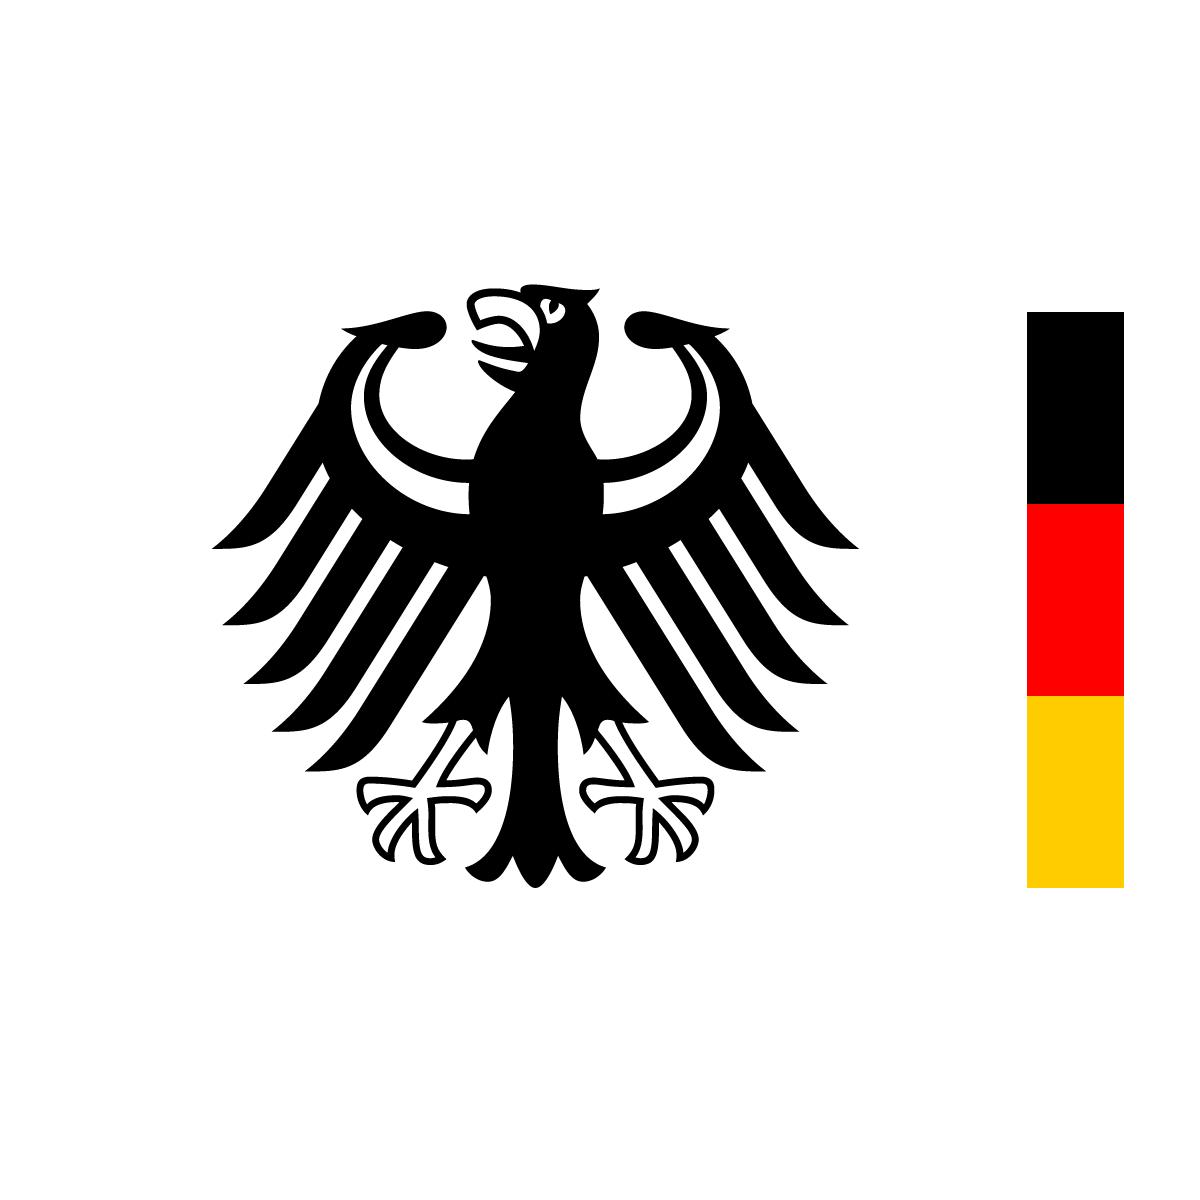 www.auswaertiges-amt.de